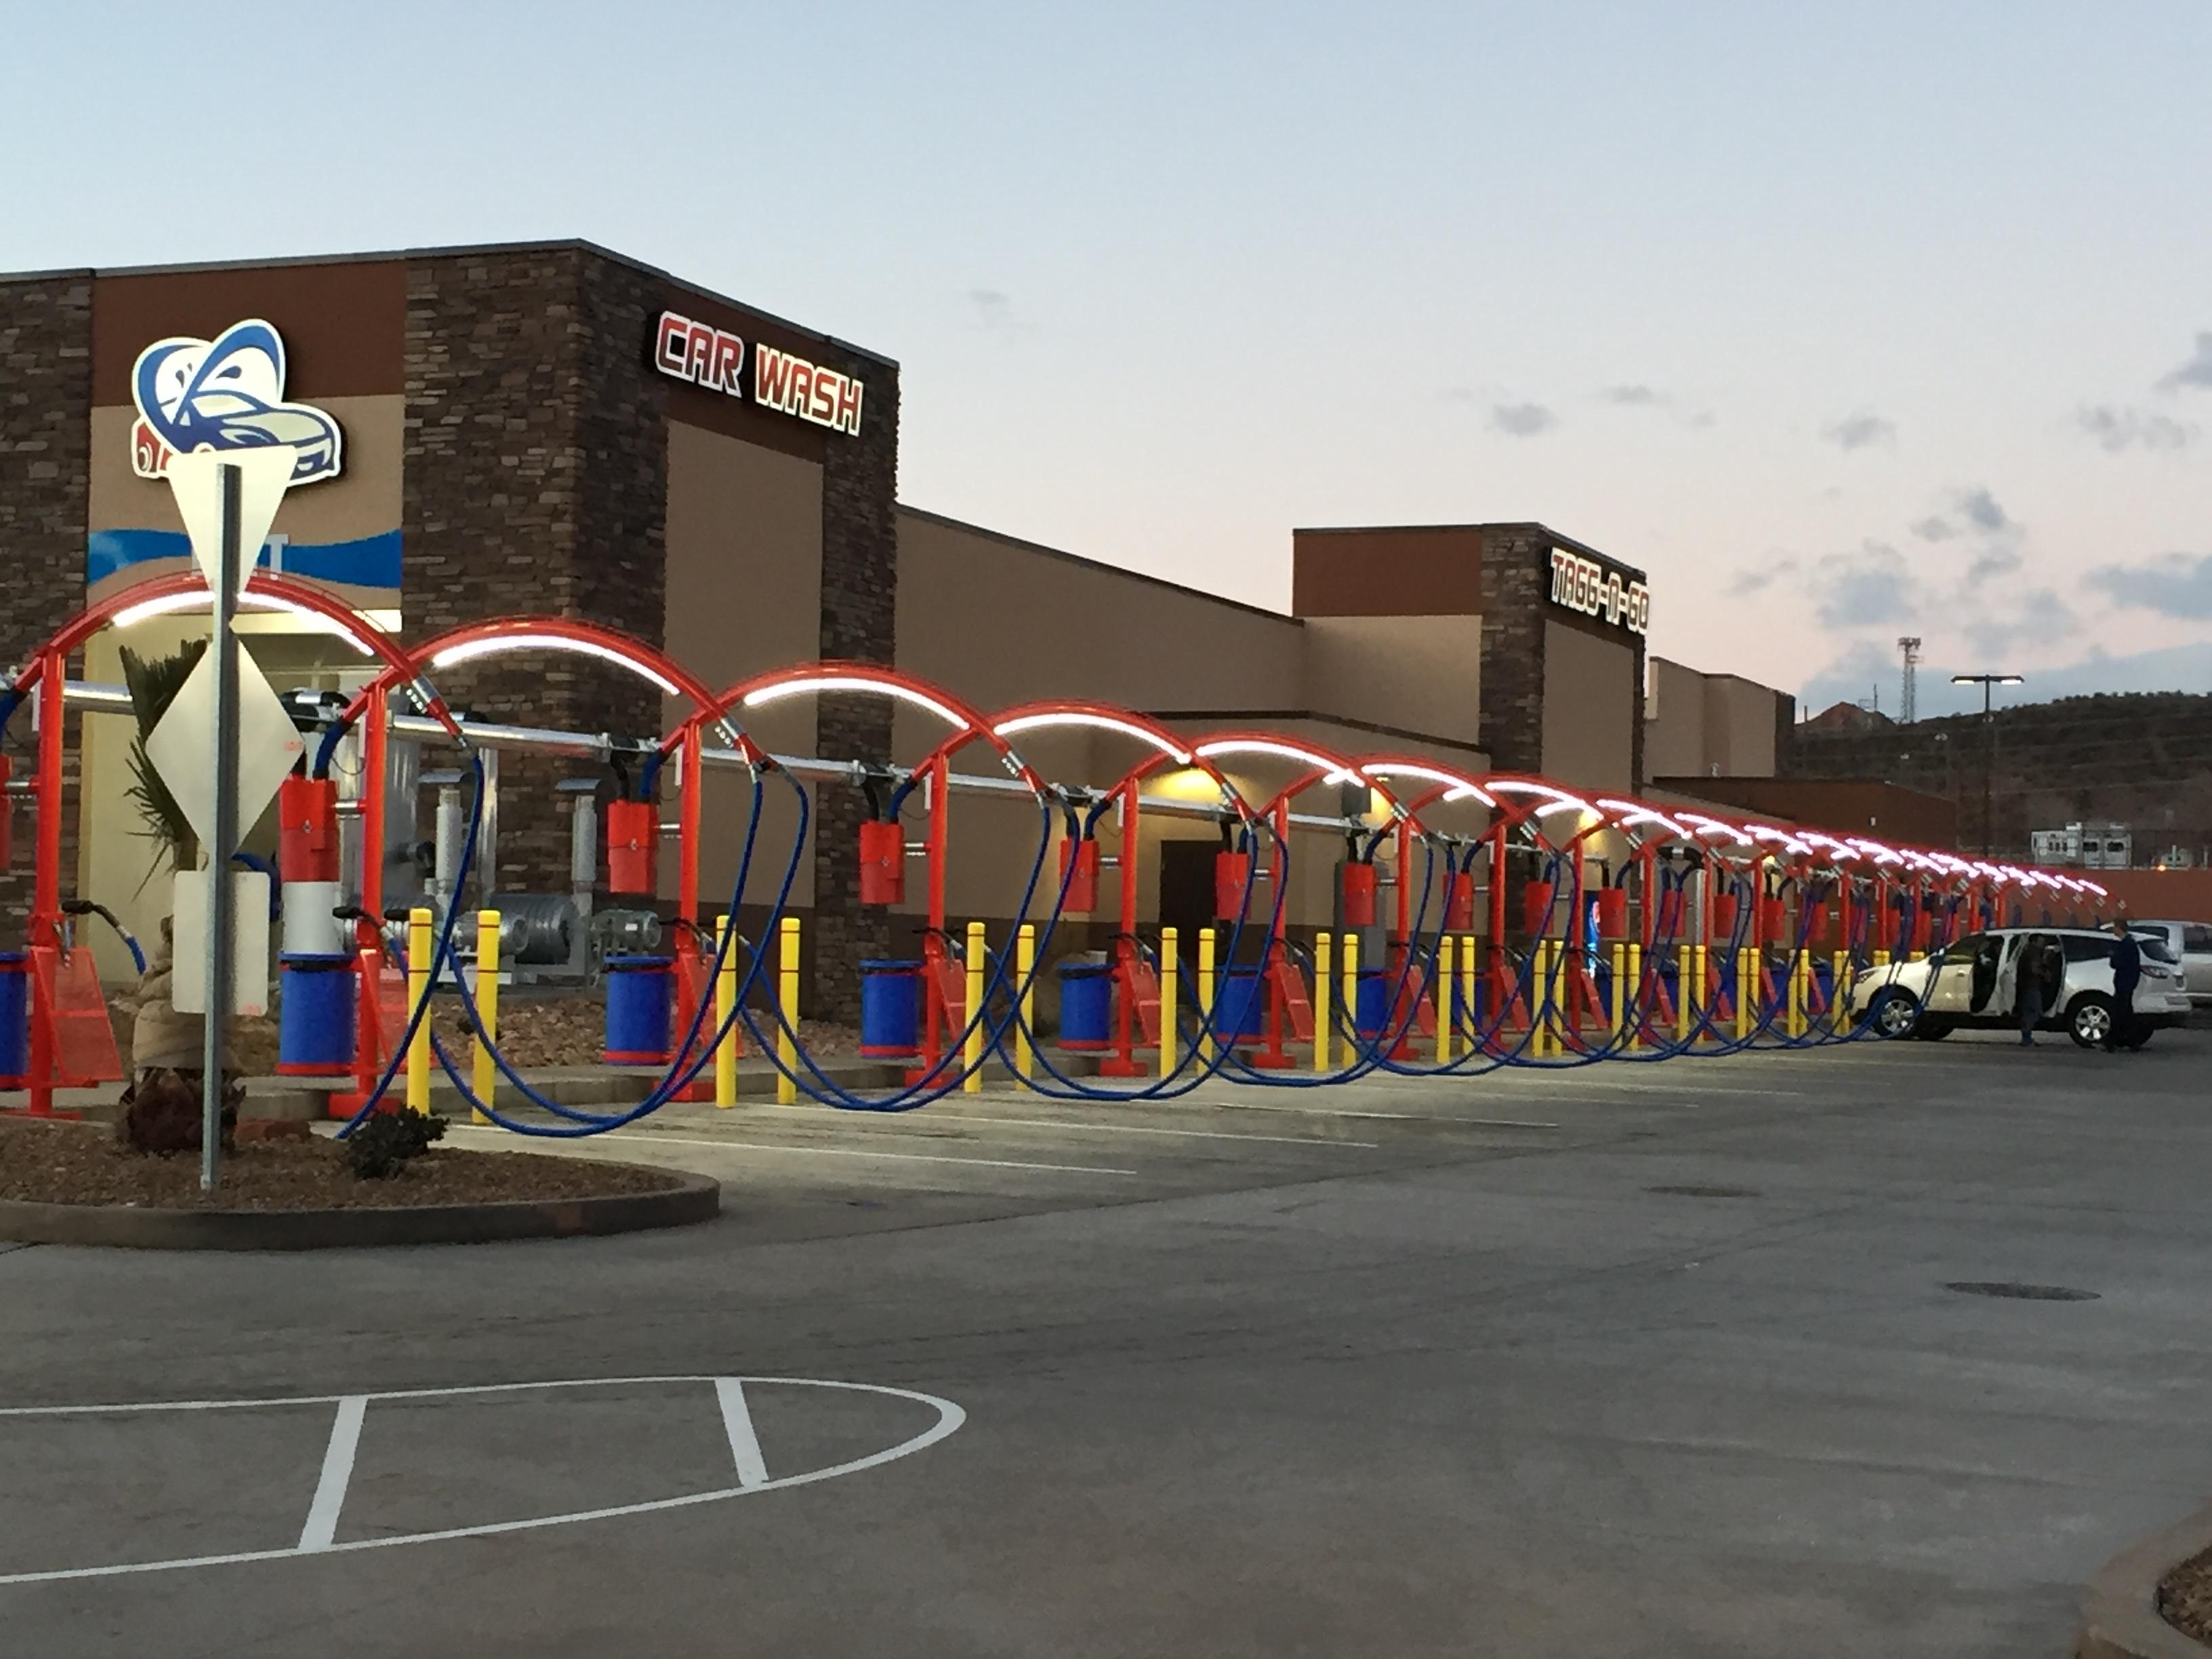 N Go Car Wash Locations